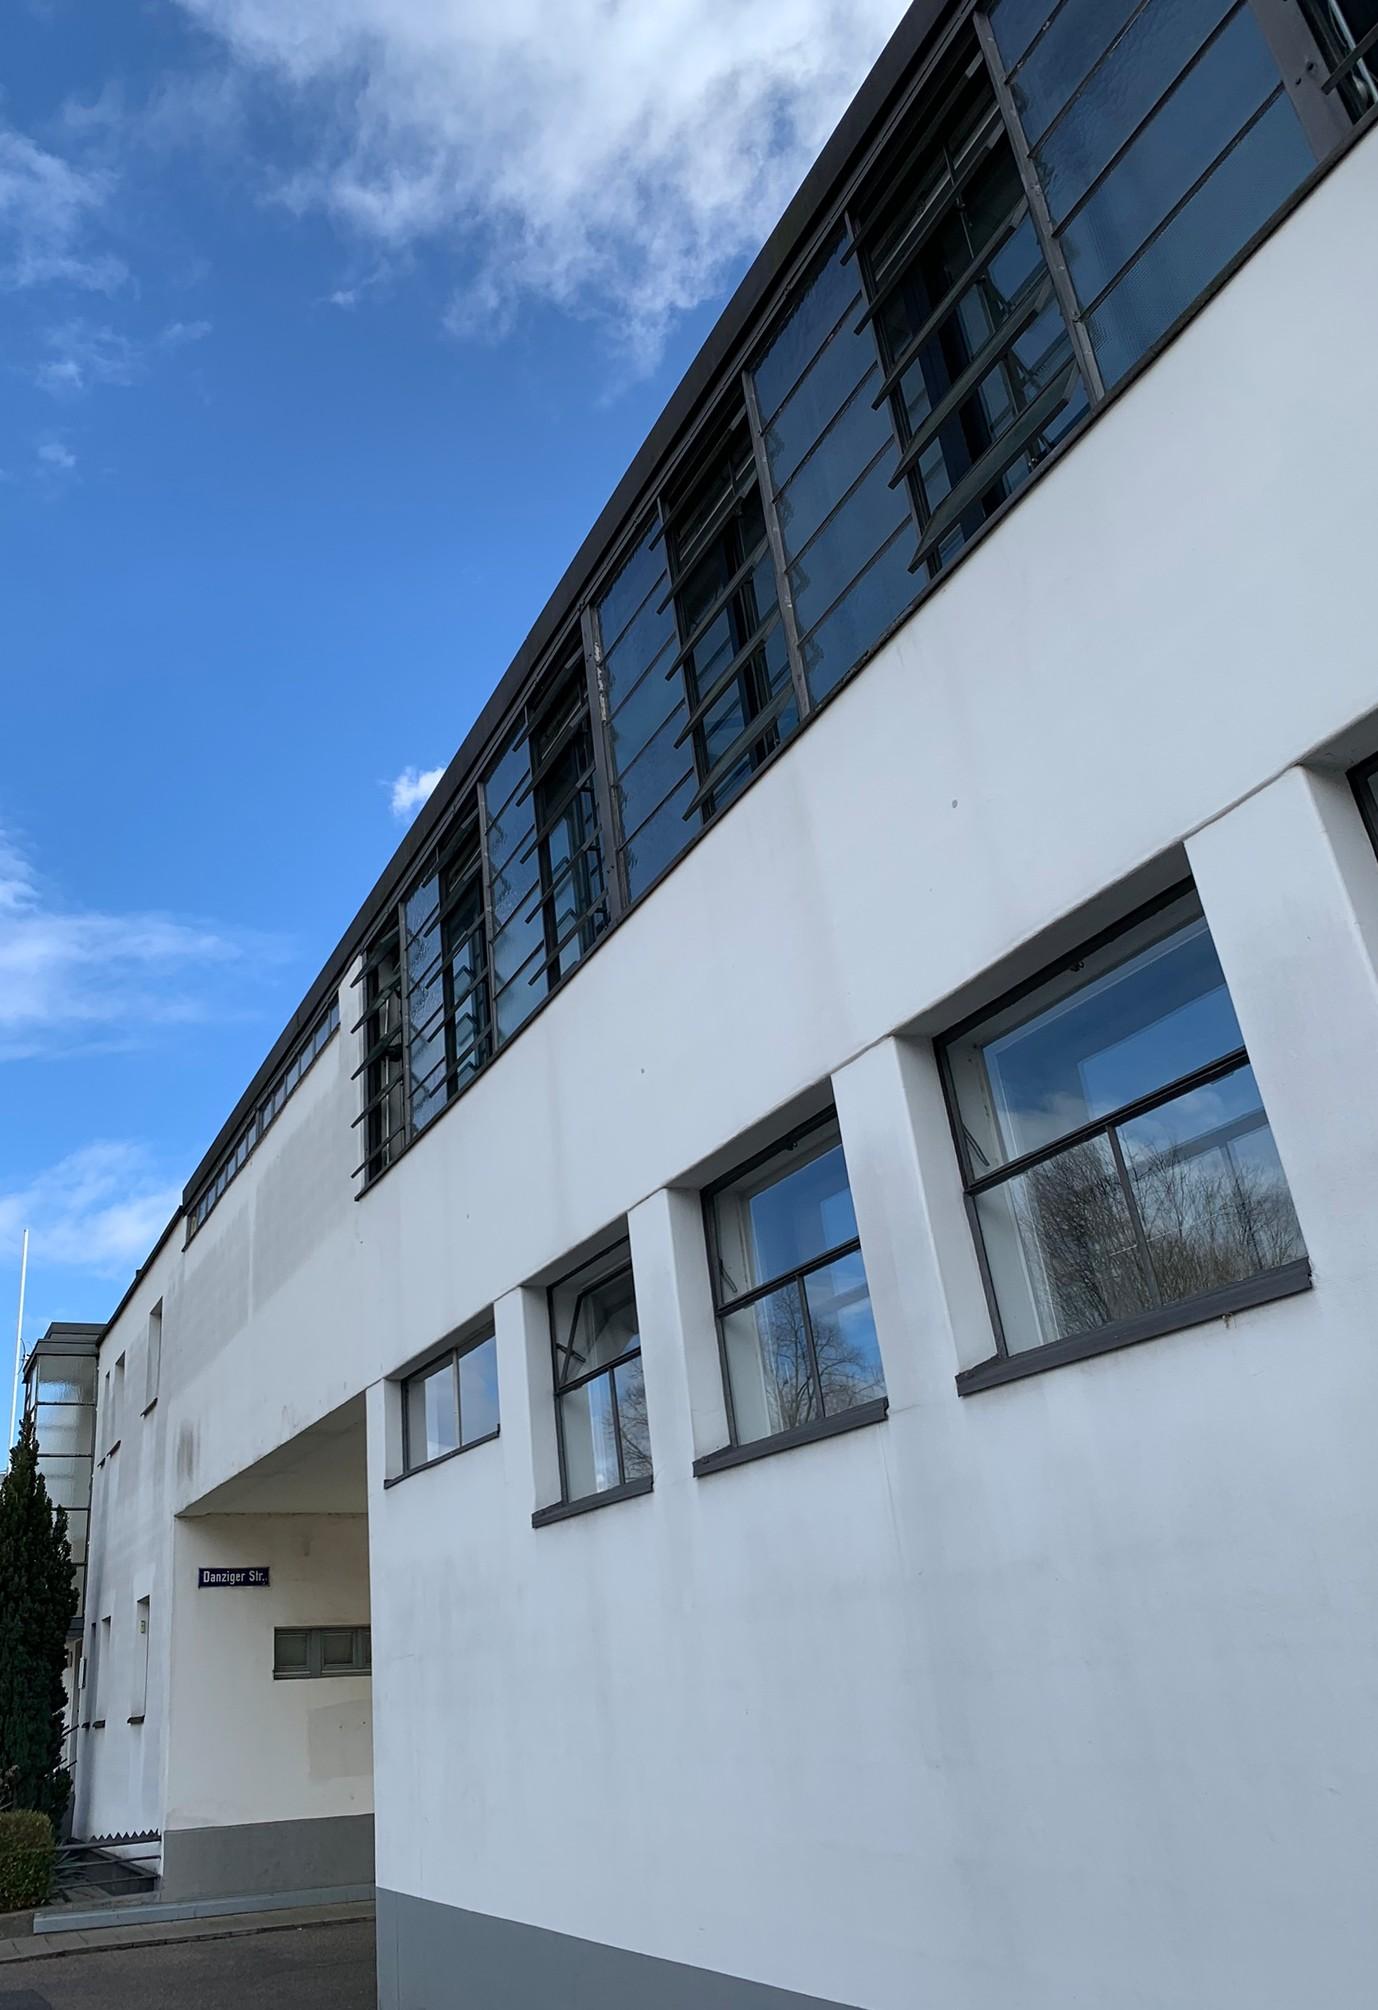 Heizungs- und Wäschereigebäude, Dammerstock Siedlung Karlsruhe, 1929, Architekt: Otto Haesler